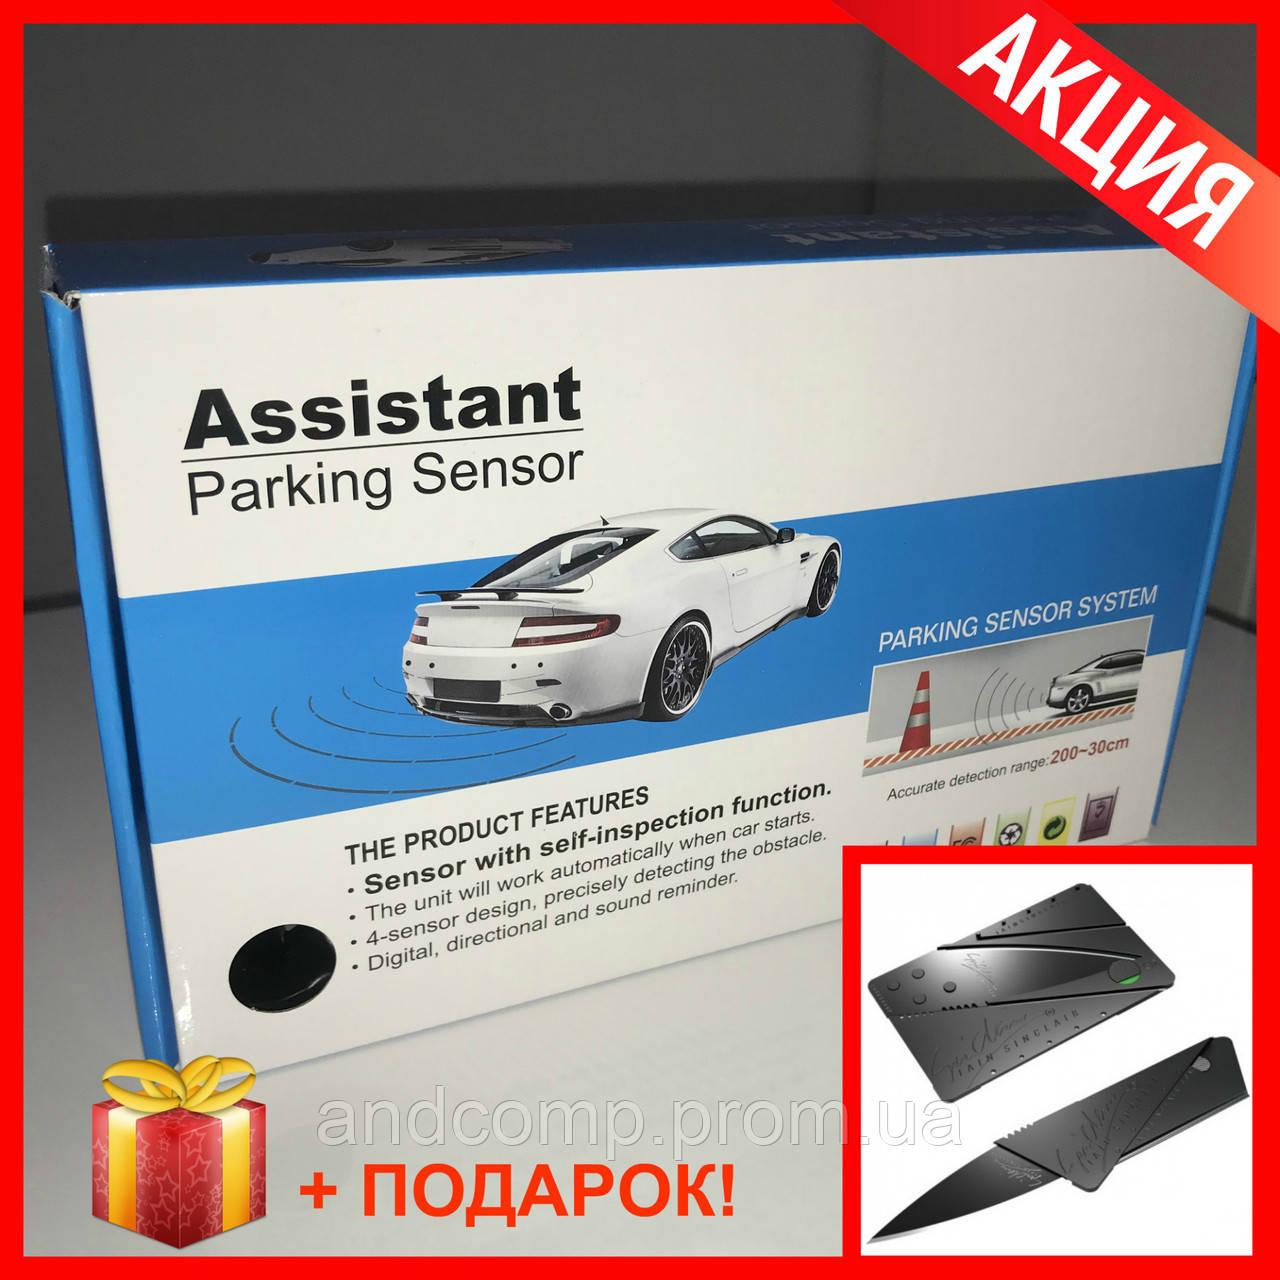 Парктроник Assistant Parking на 4 датчика. Полный комплект установки. + Нож-Кредитка в Подарок!